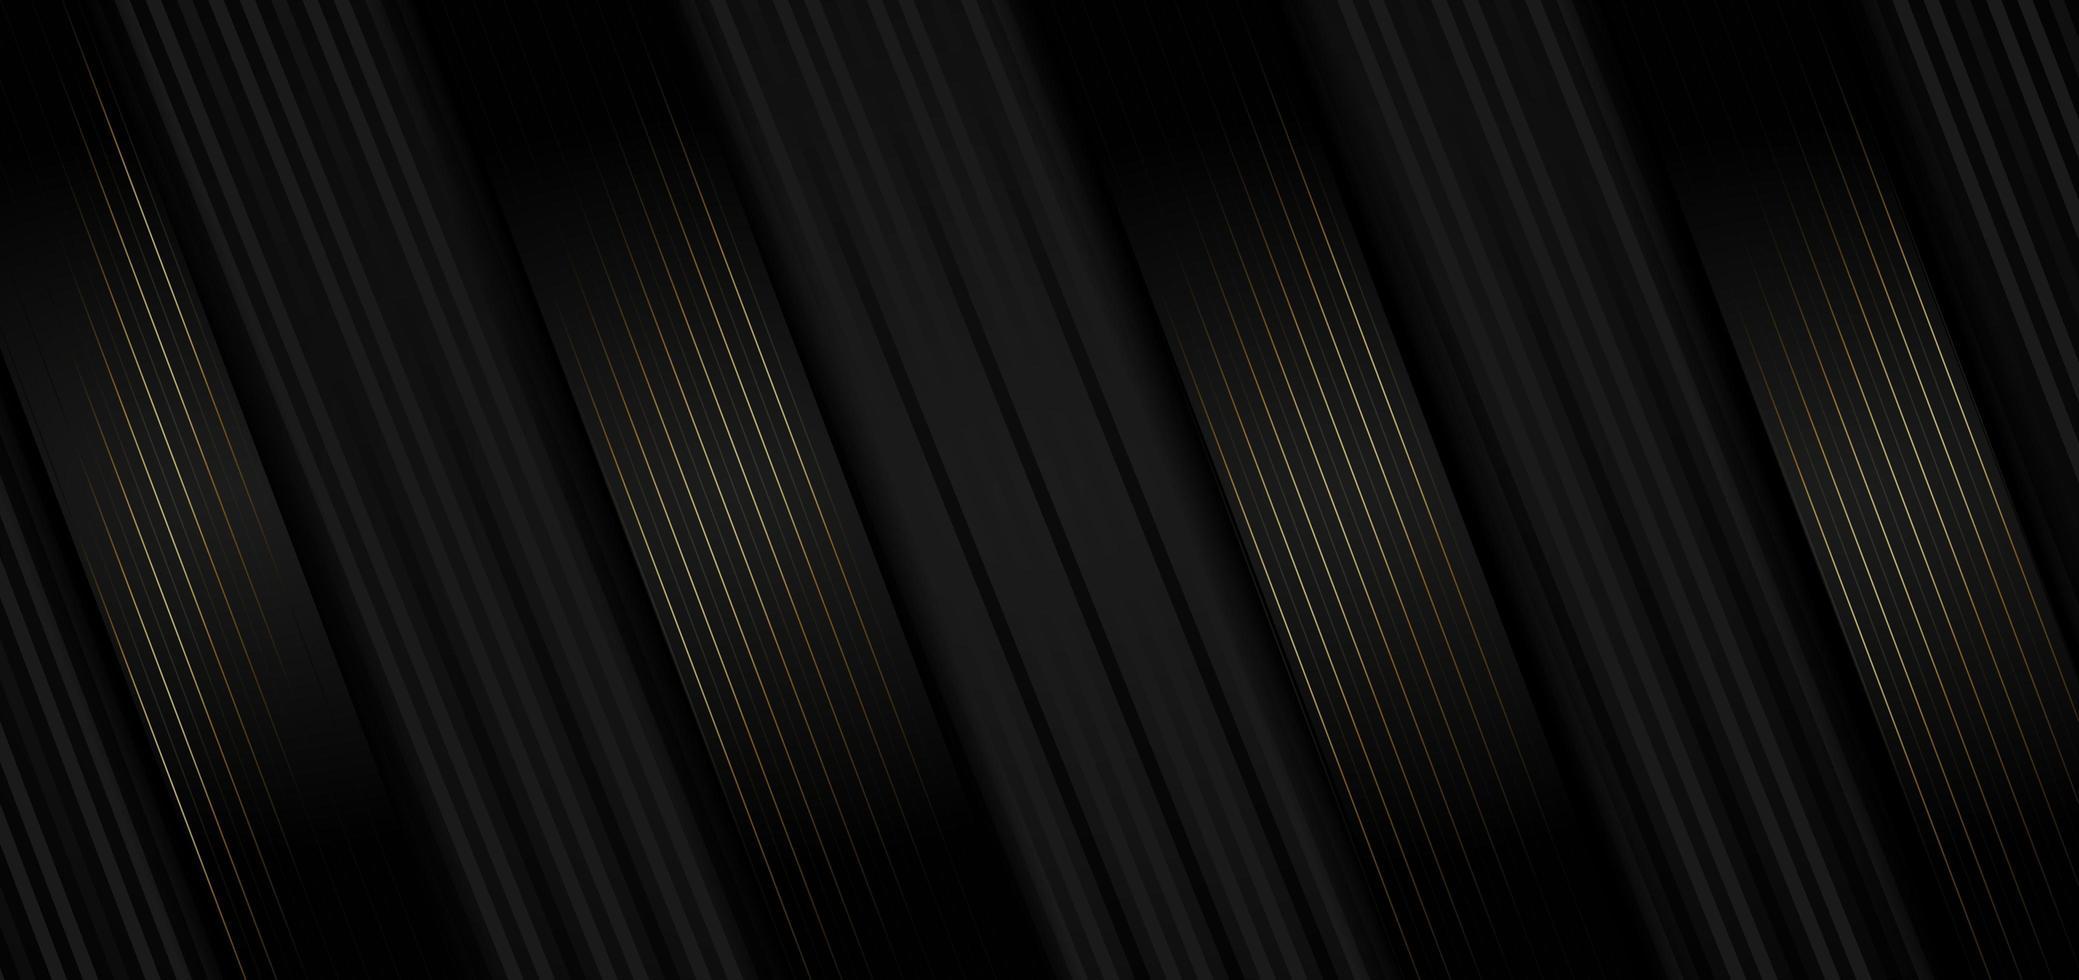 sfondo geometrico diagonale astratto striscia nera vettore